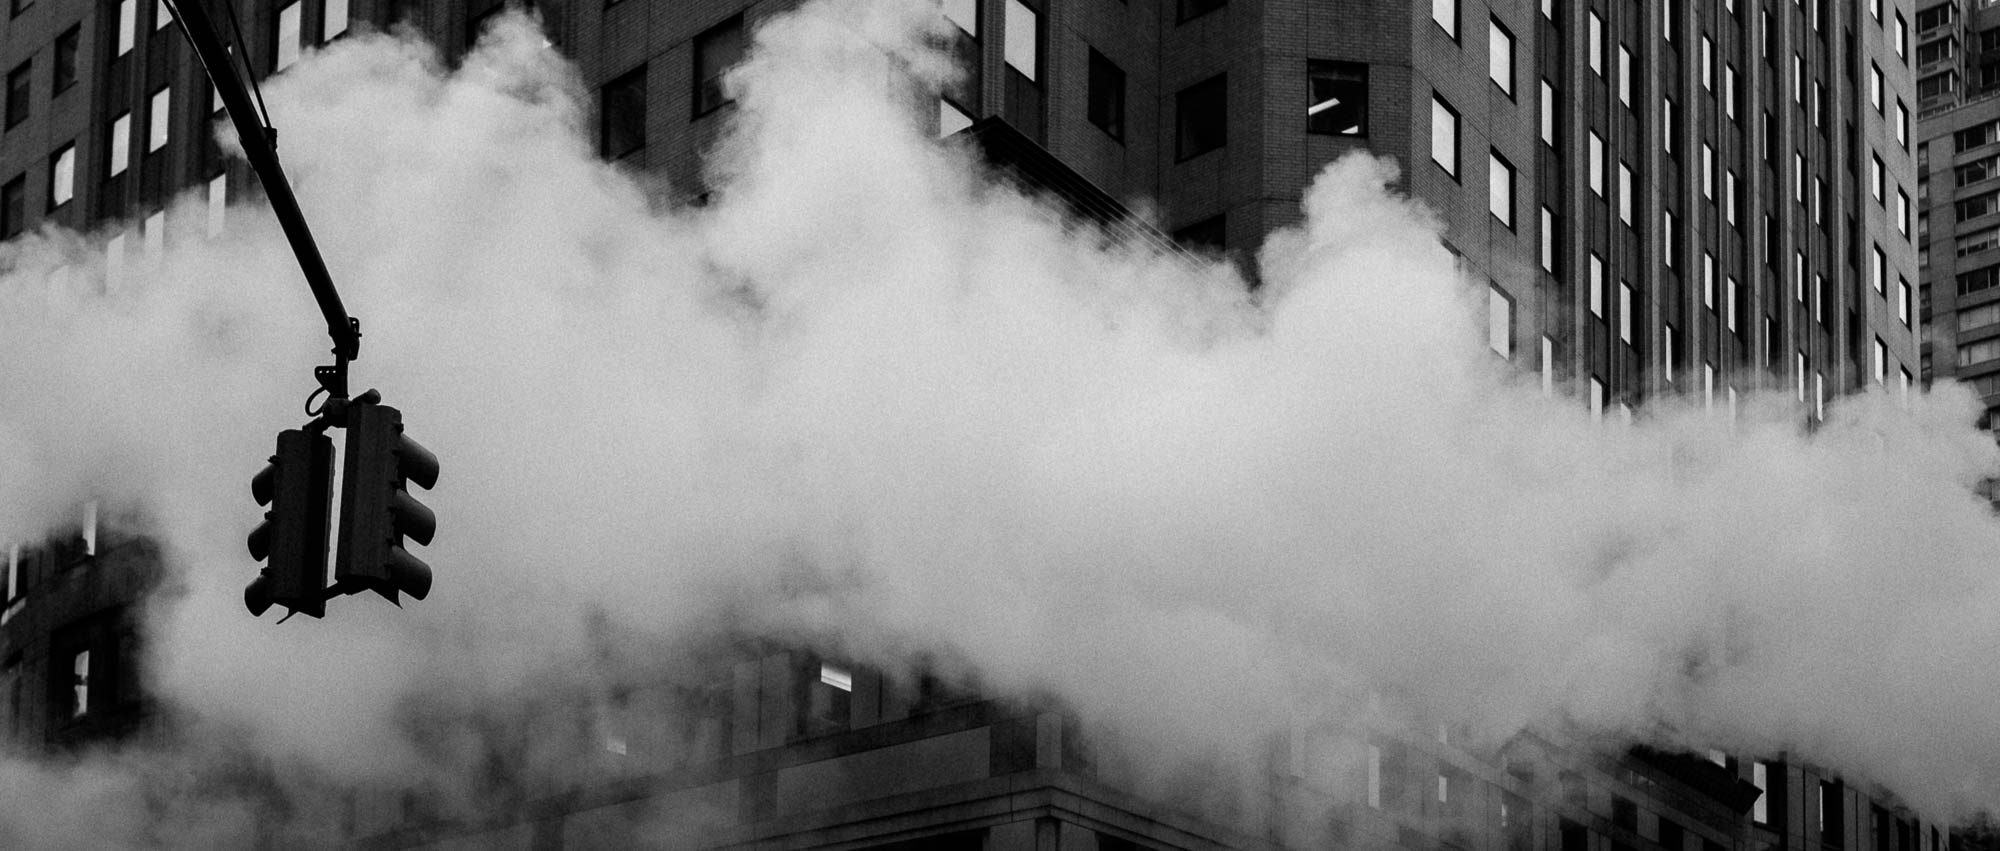 reise bericht new york gotham rauch nebel dampf und ampeln city